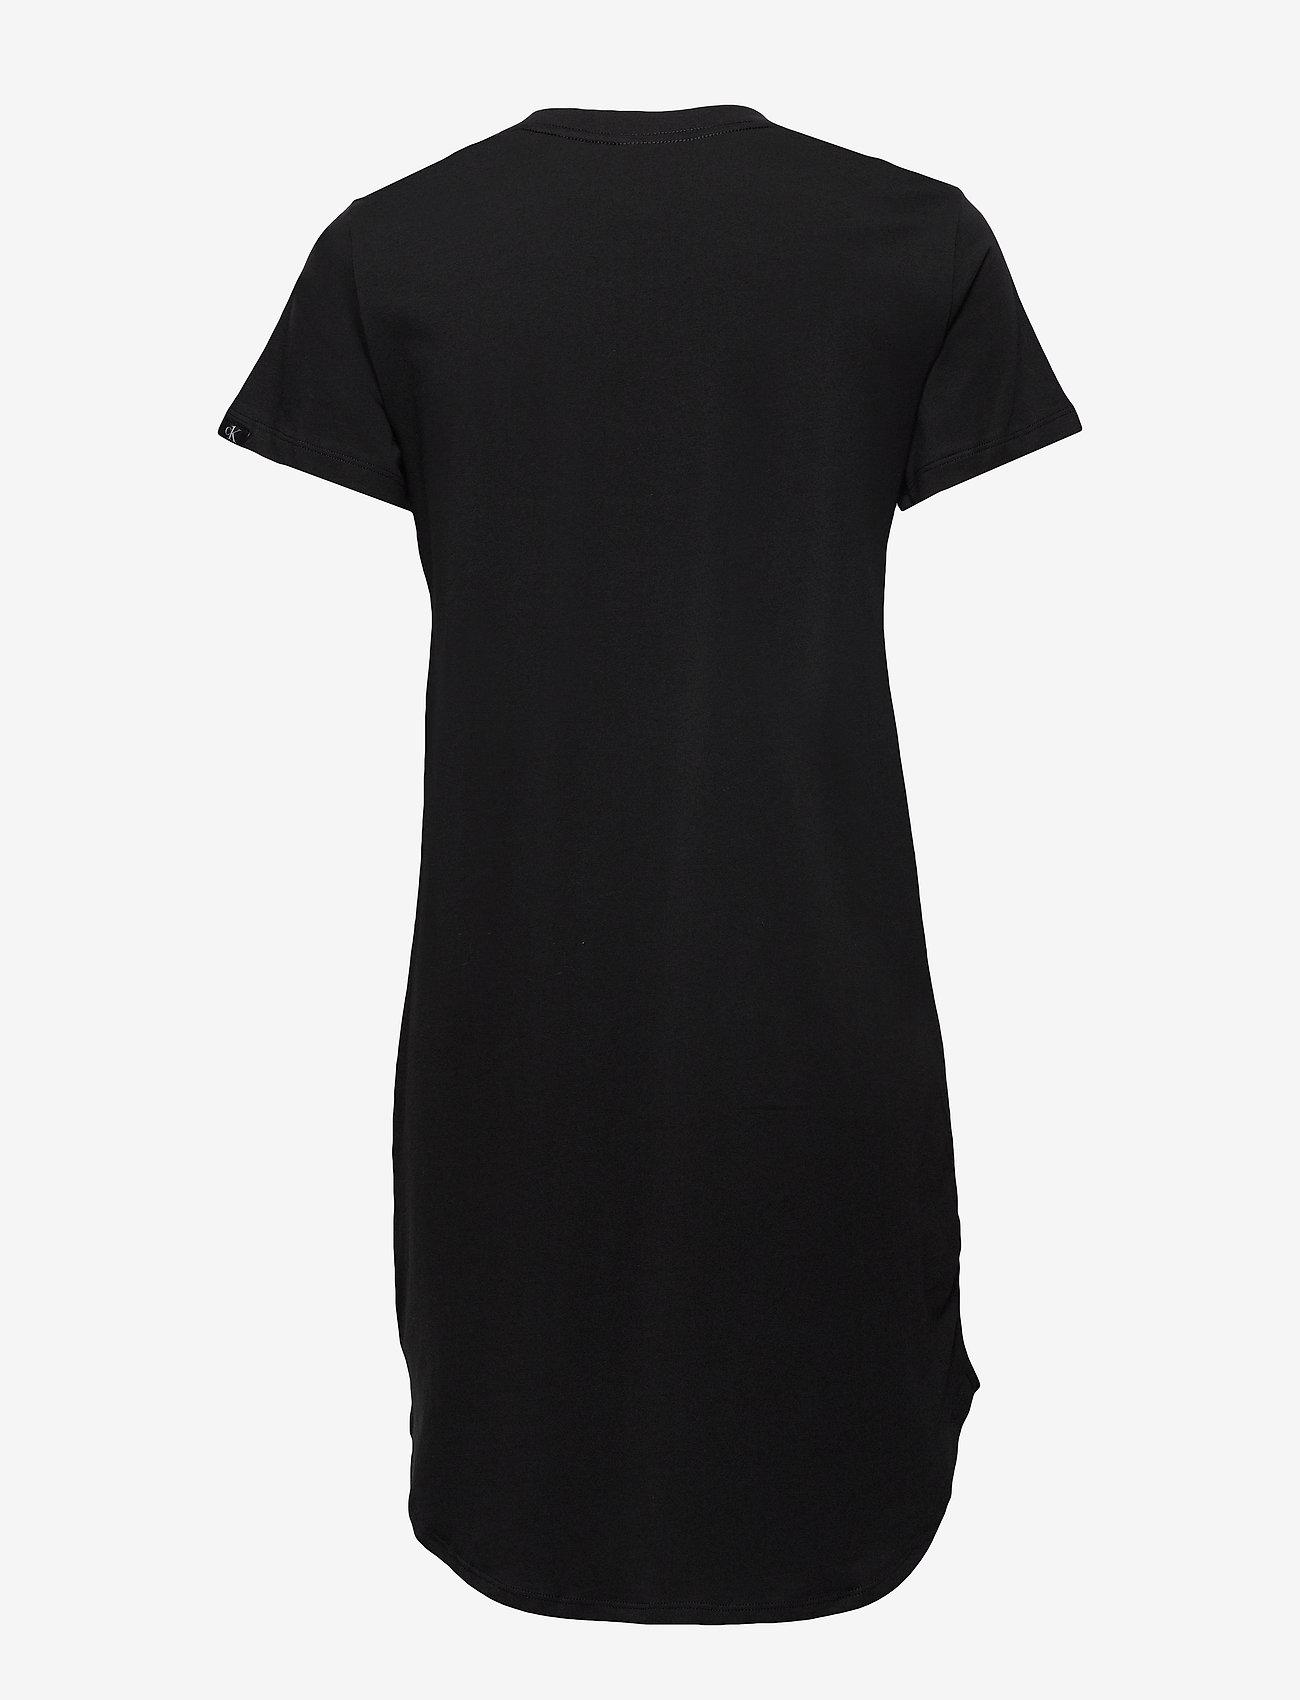 Calvin Klein - S/S NIGHTSHIRT - koszulki do spania - black - 1